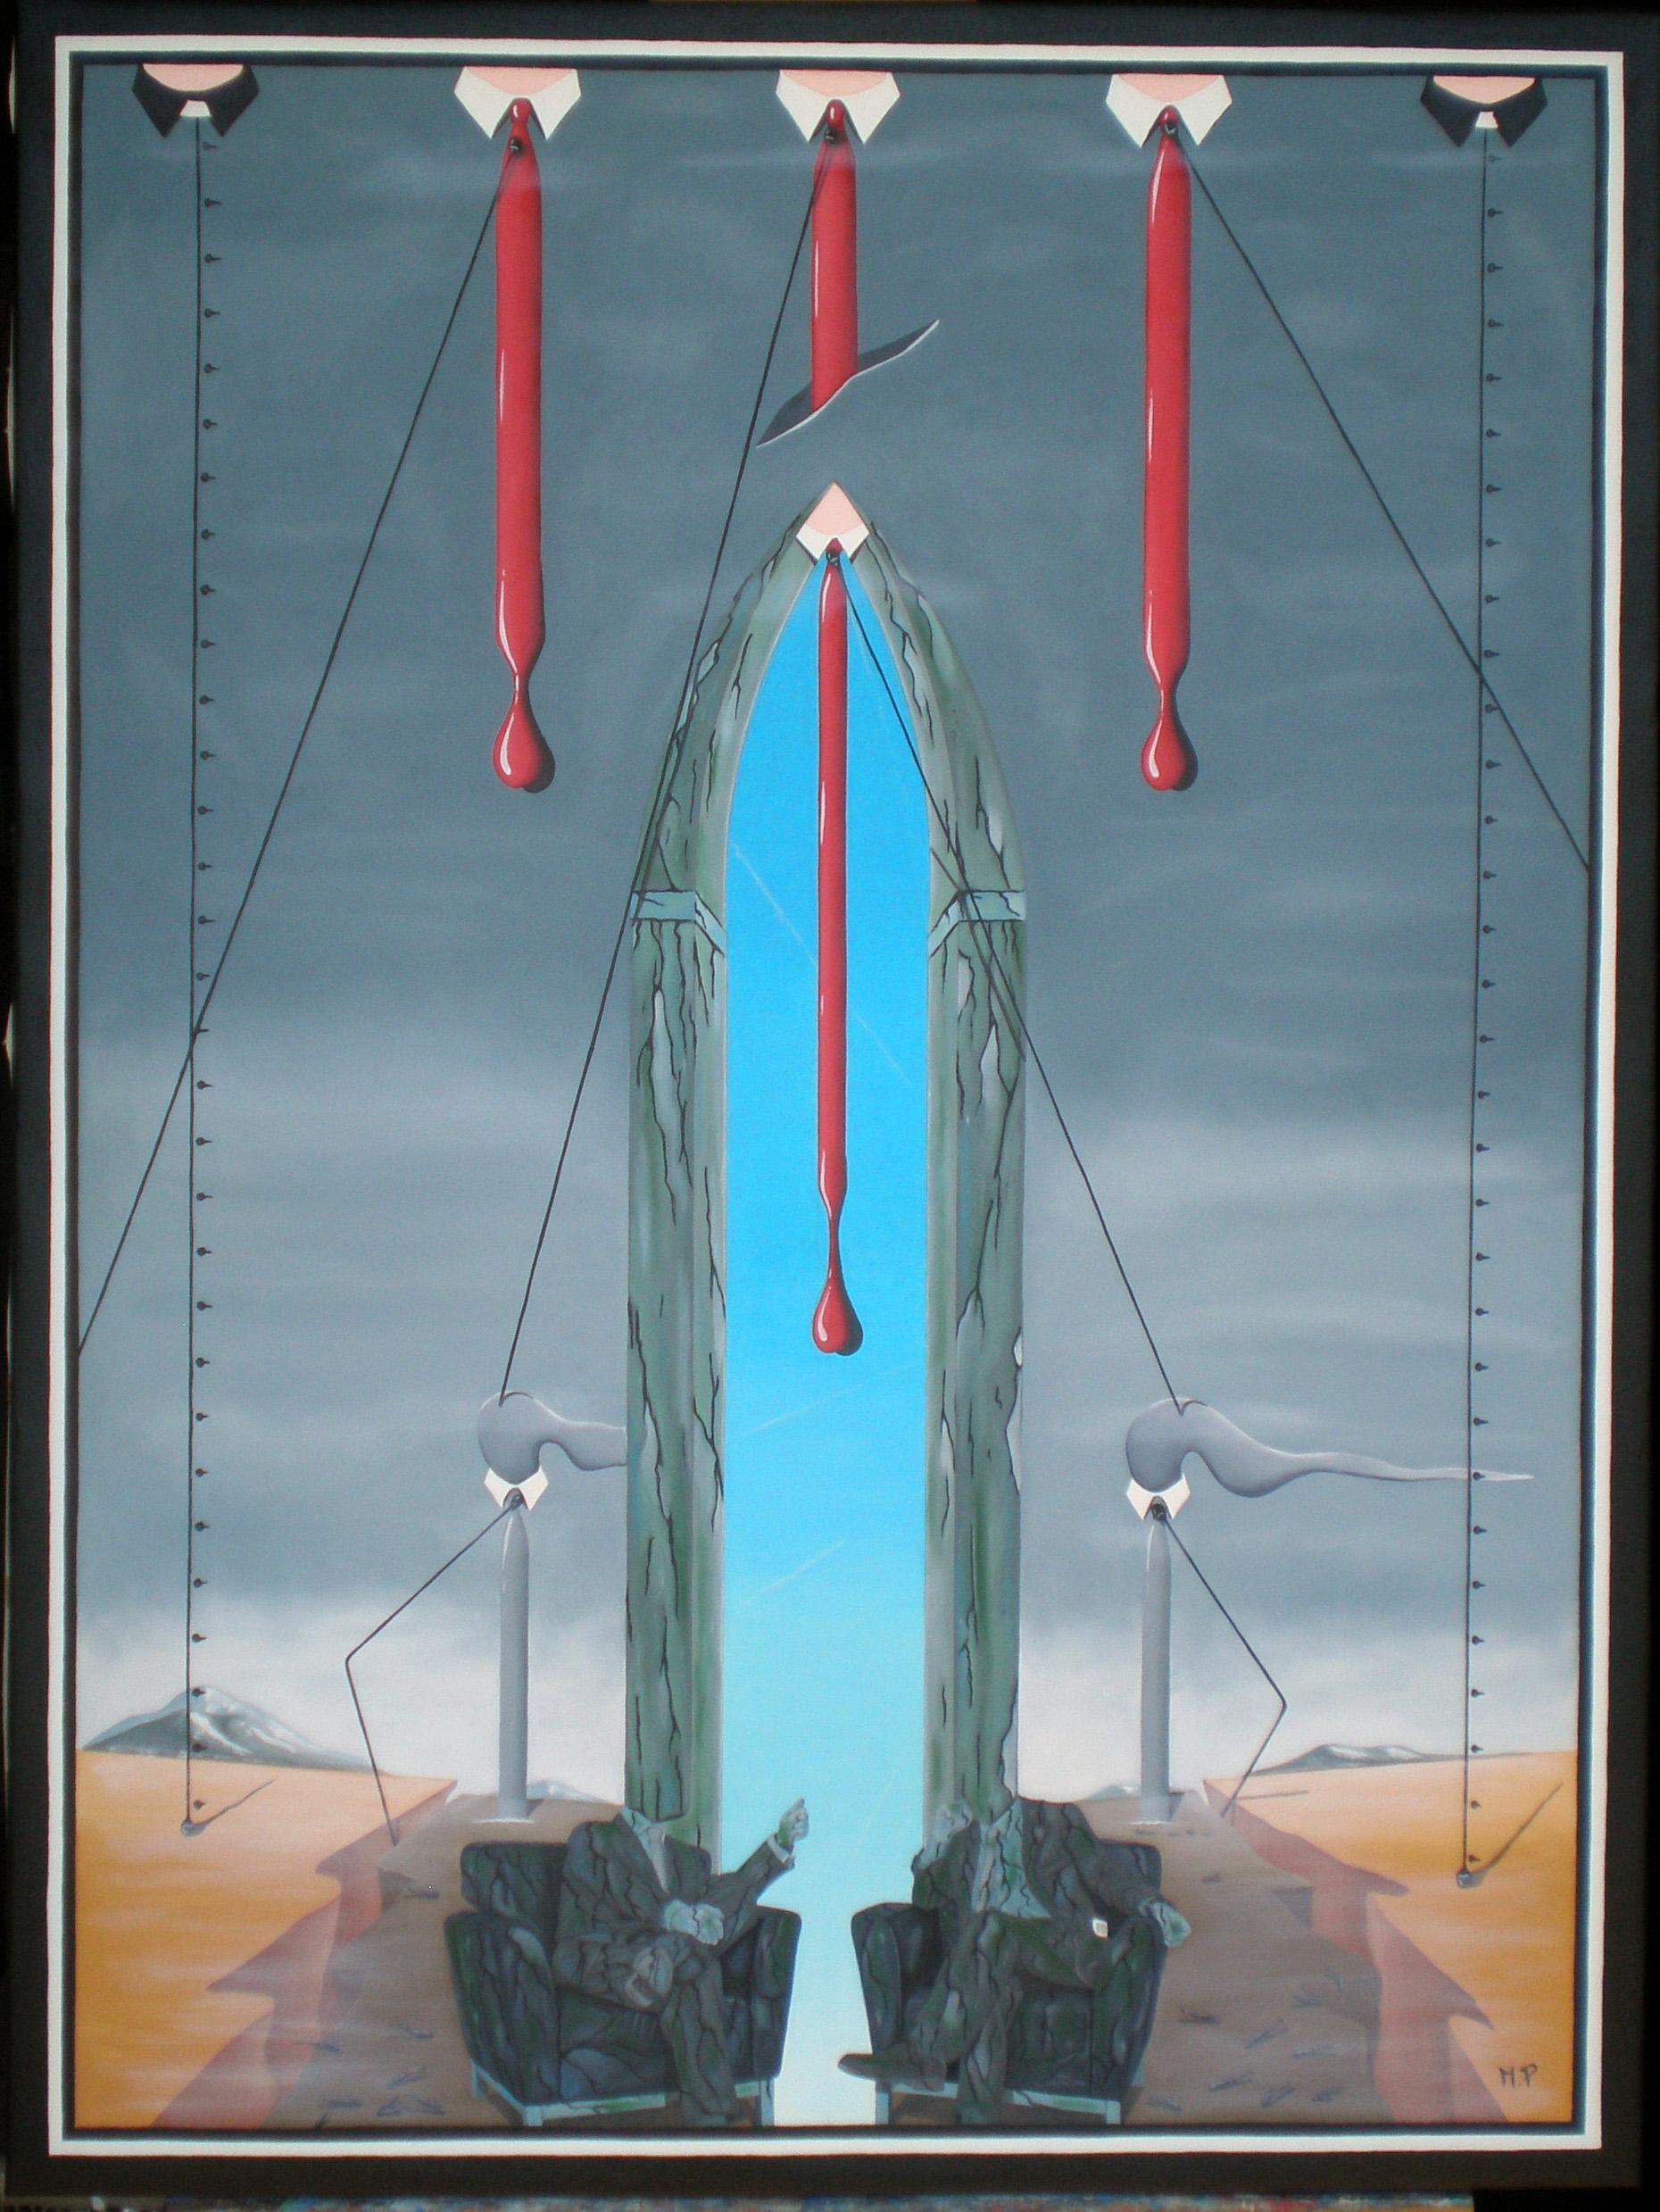 Testimoni del crollo finanziario, 2014 olio su tela cm 60x80, Pasquale Mastrogiacomo Acerno(SA)